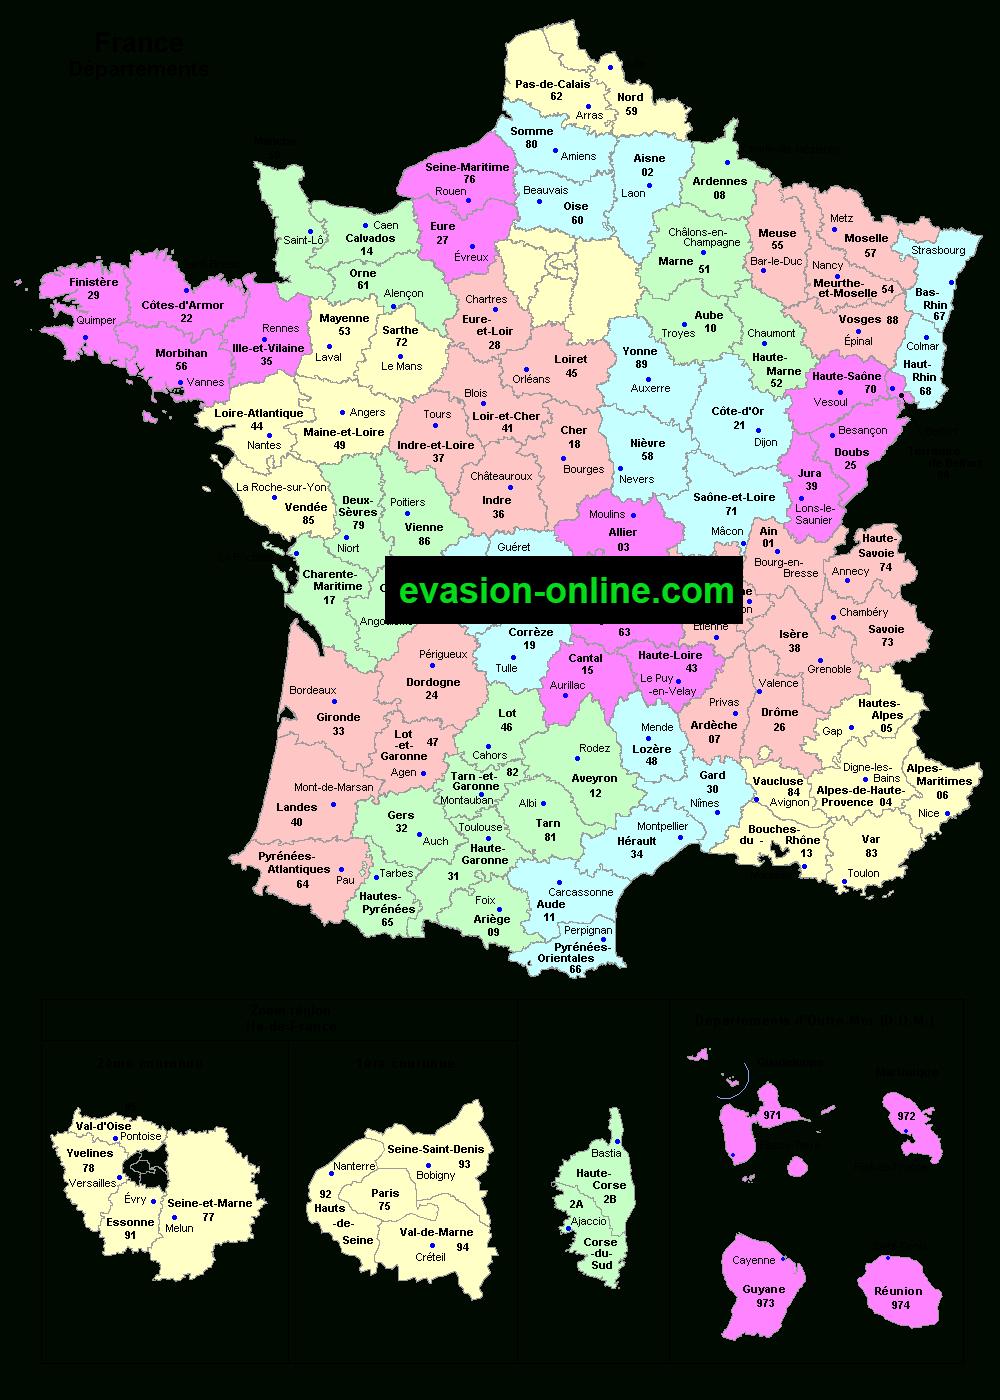 Vacance - France - Départements » Vacances - Arts- Guides dedans Puzzle Des Départements Français